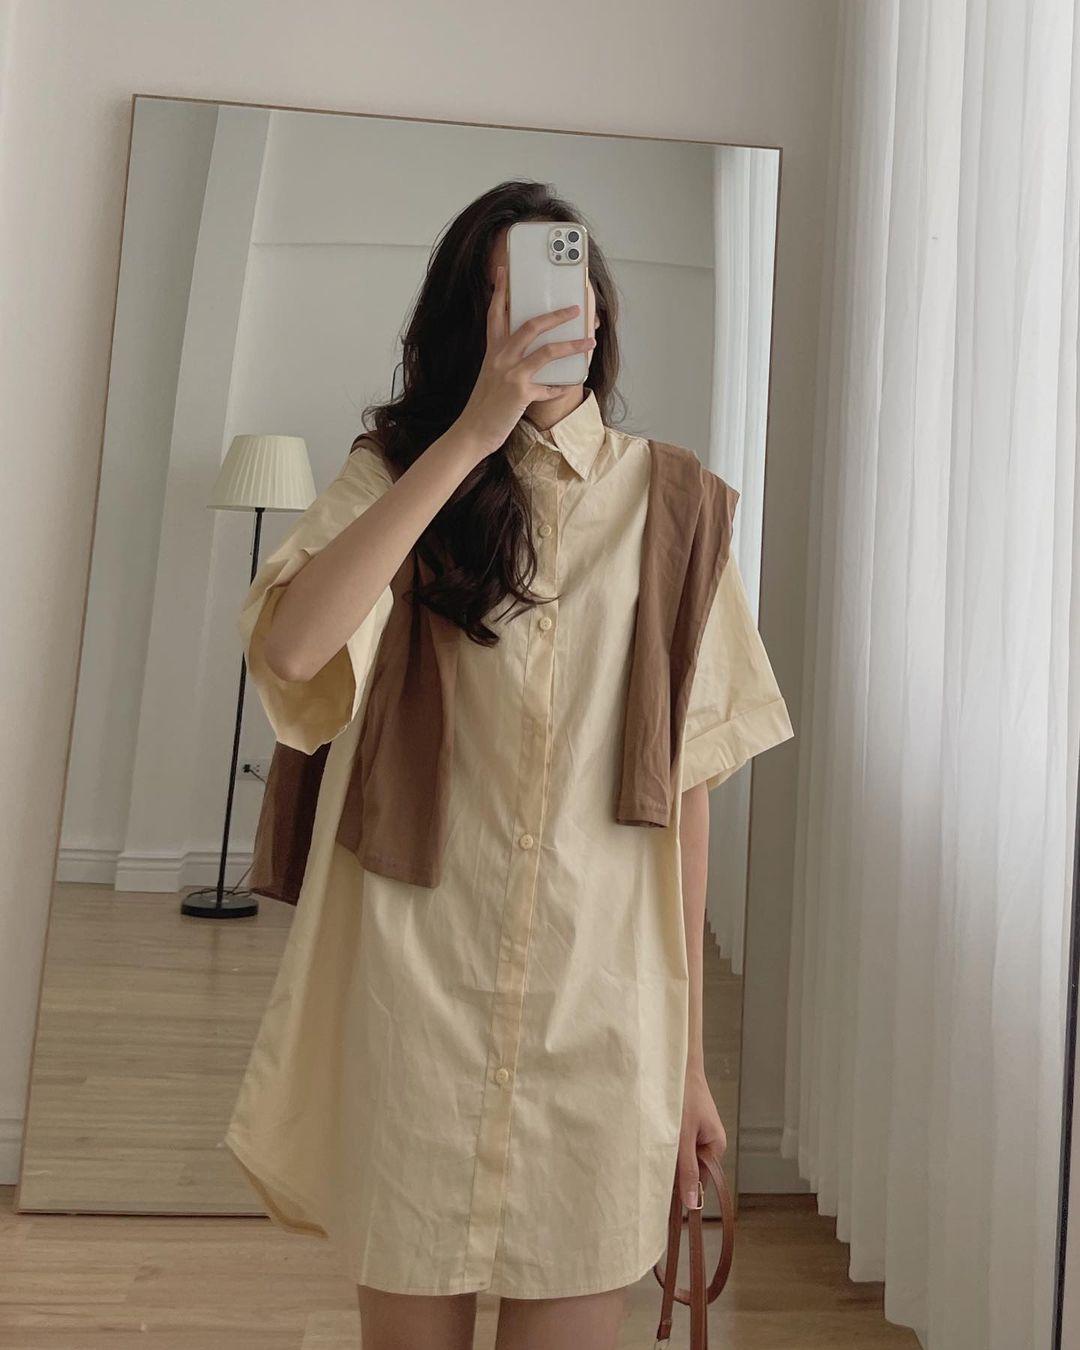 Sắm váy sơ mi rộng rãi mát mẻ mặc lên xinh như gái Hàn đi chị em, giá chỉ từ 180k thôi - Ảnh 3.